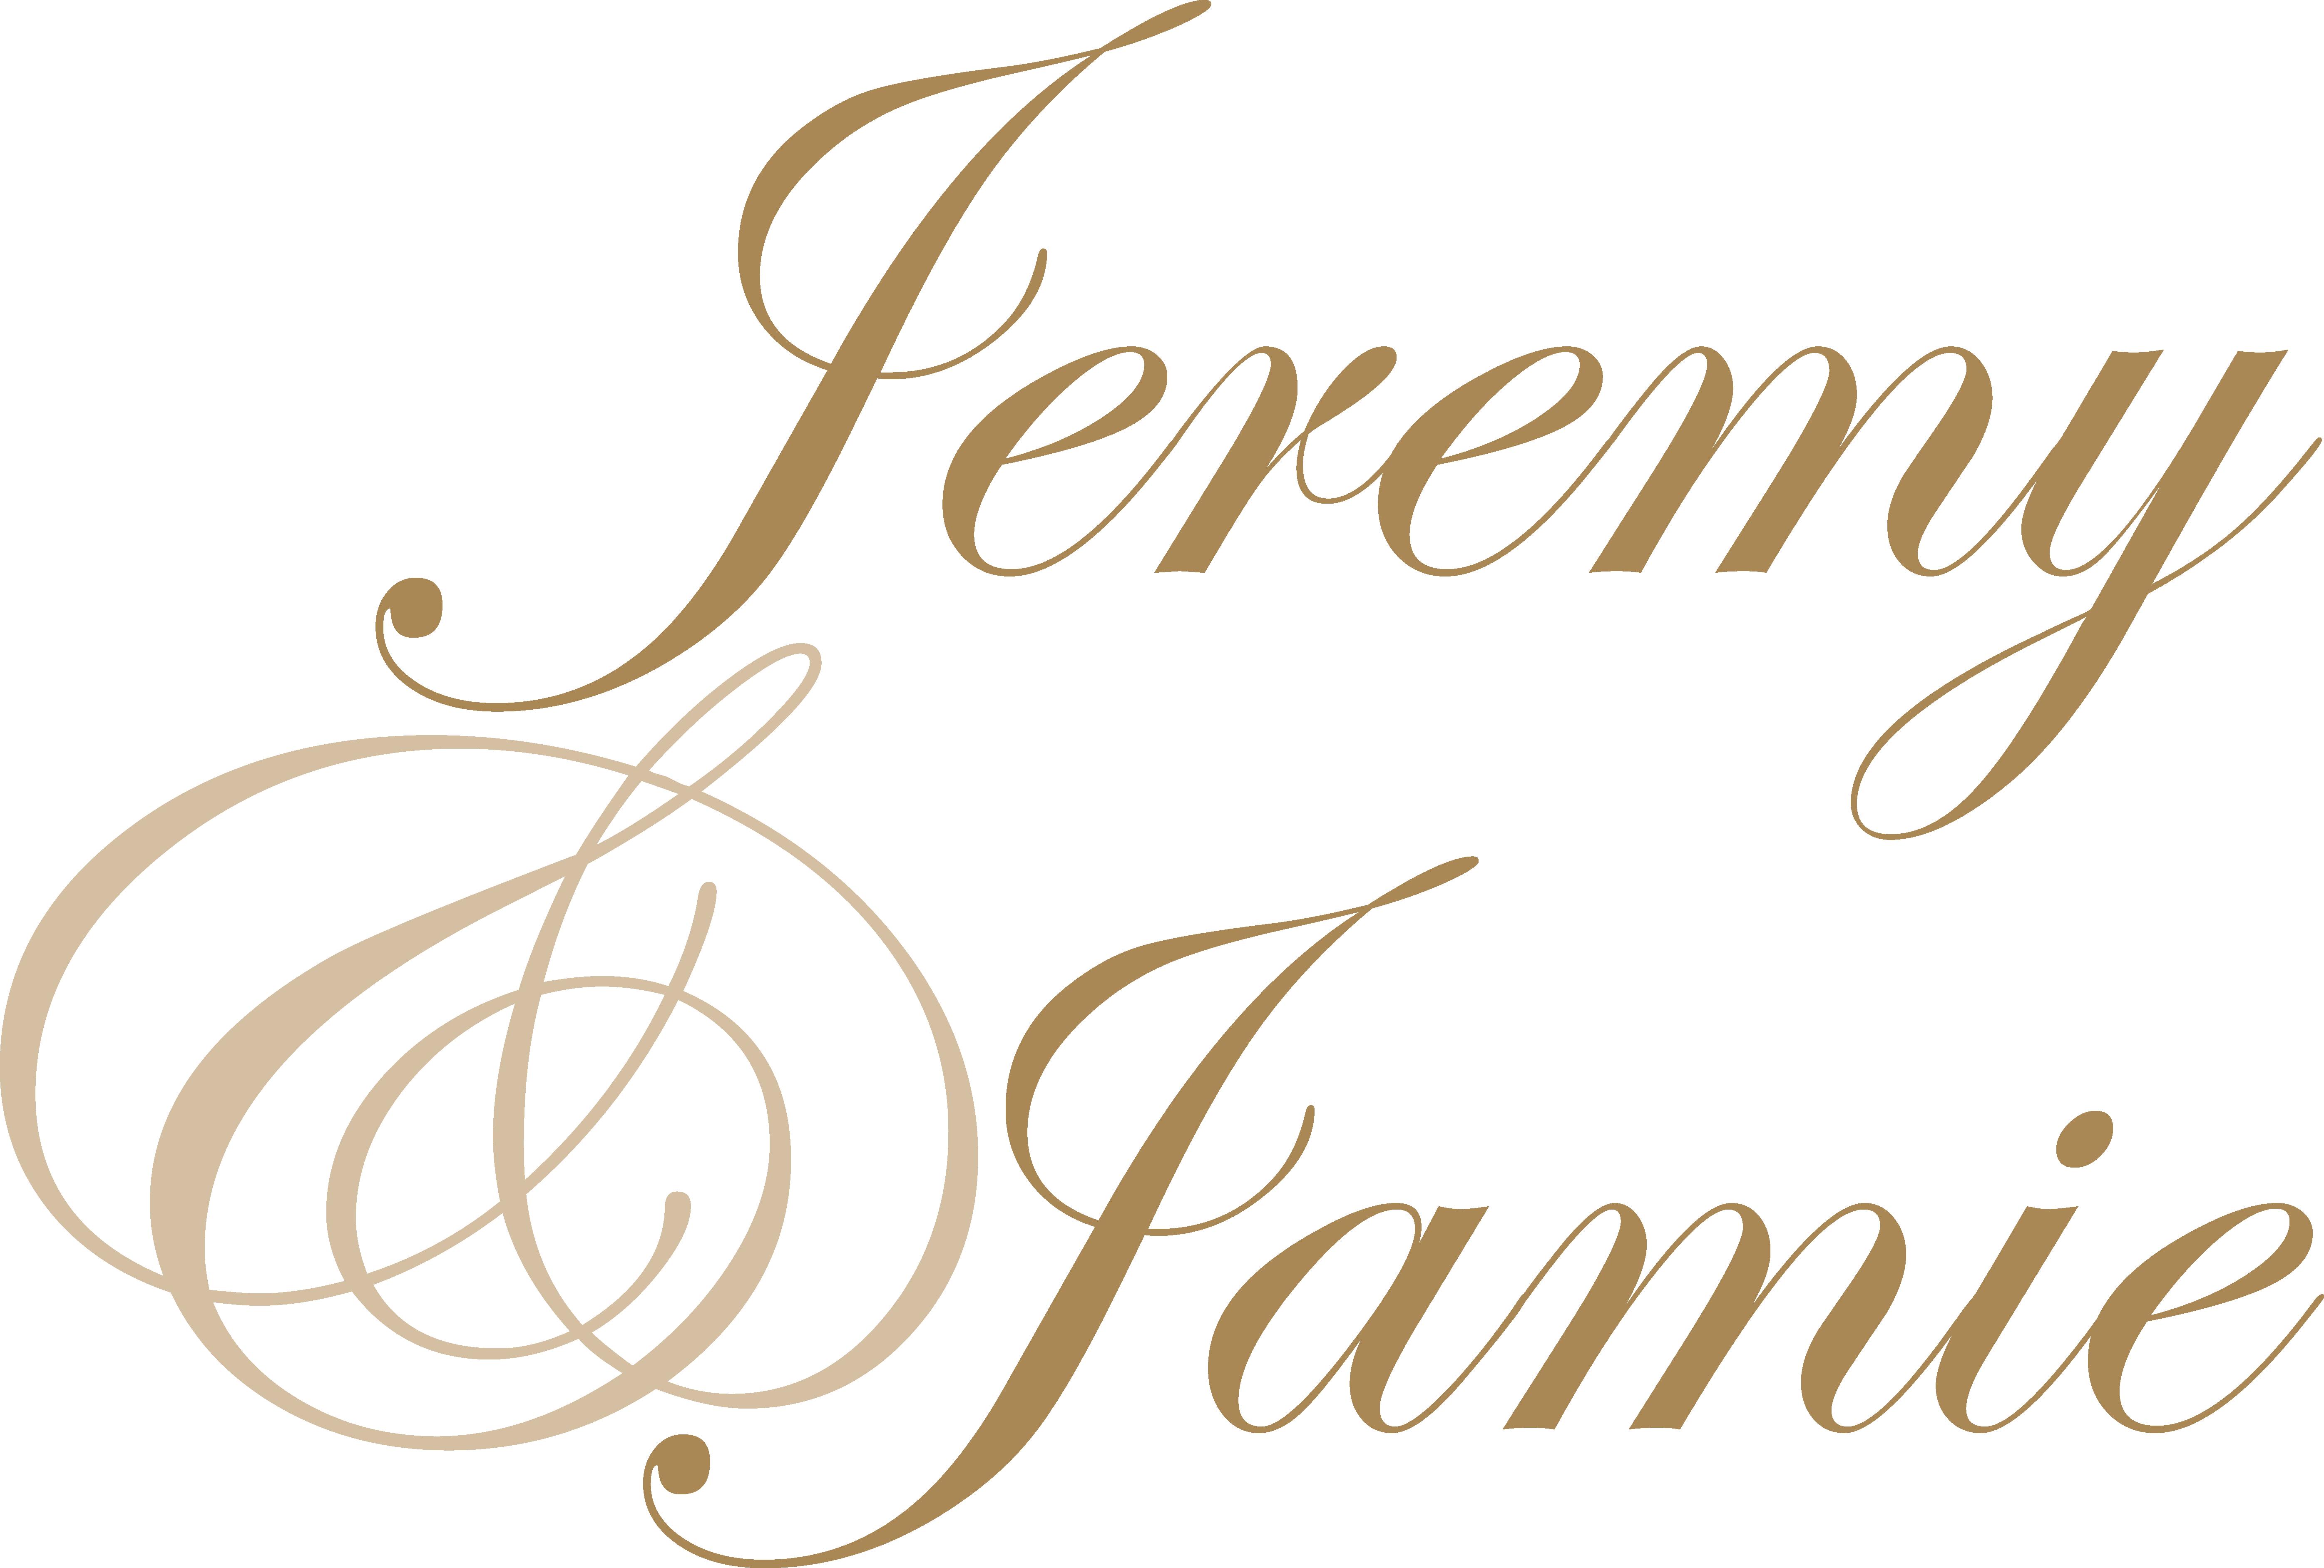 Wedding First Names Monogram